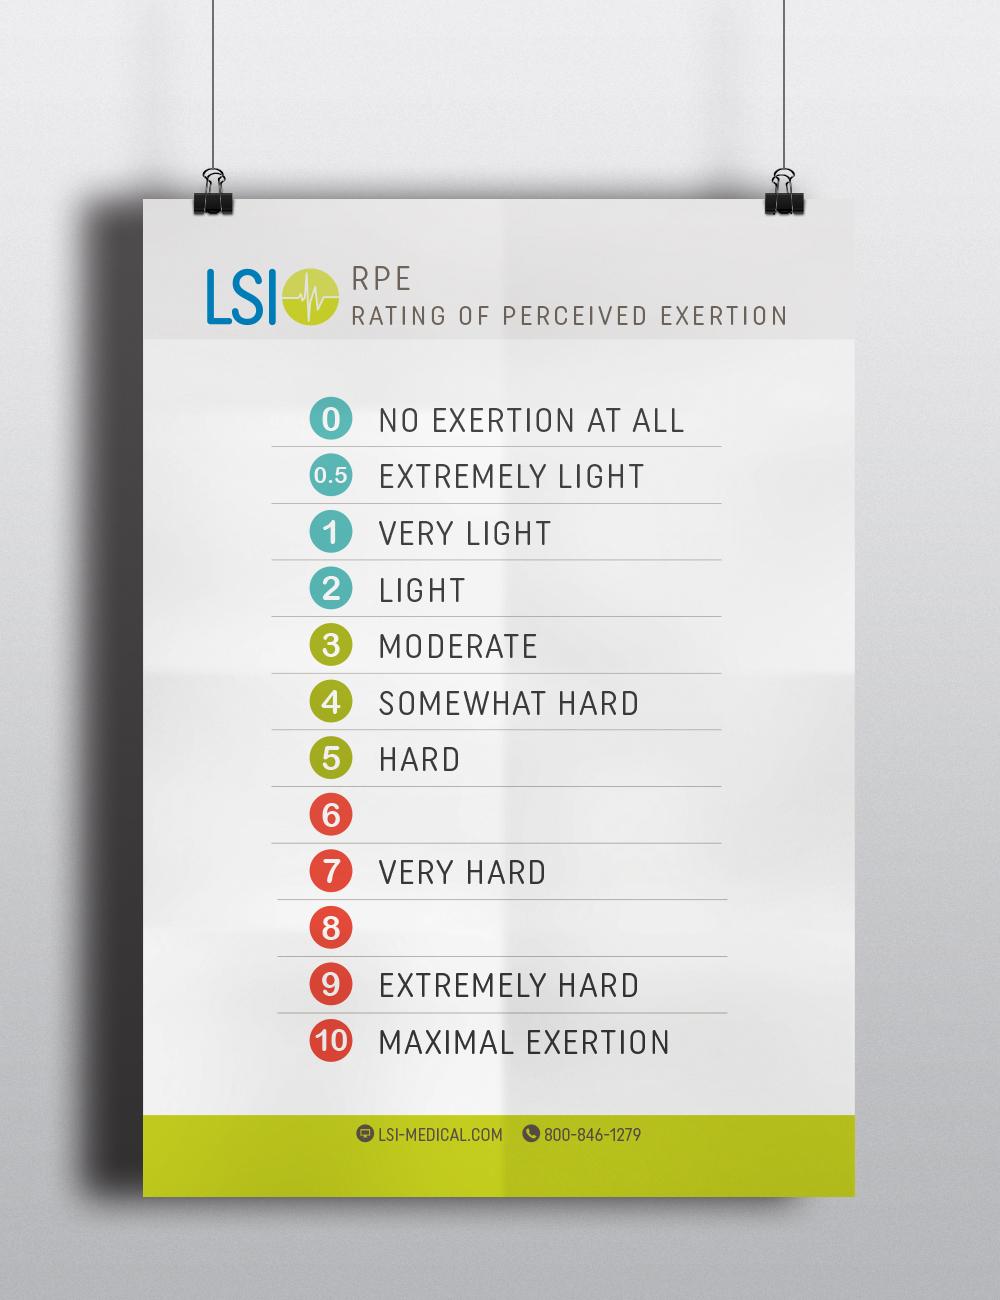 LSI RPE